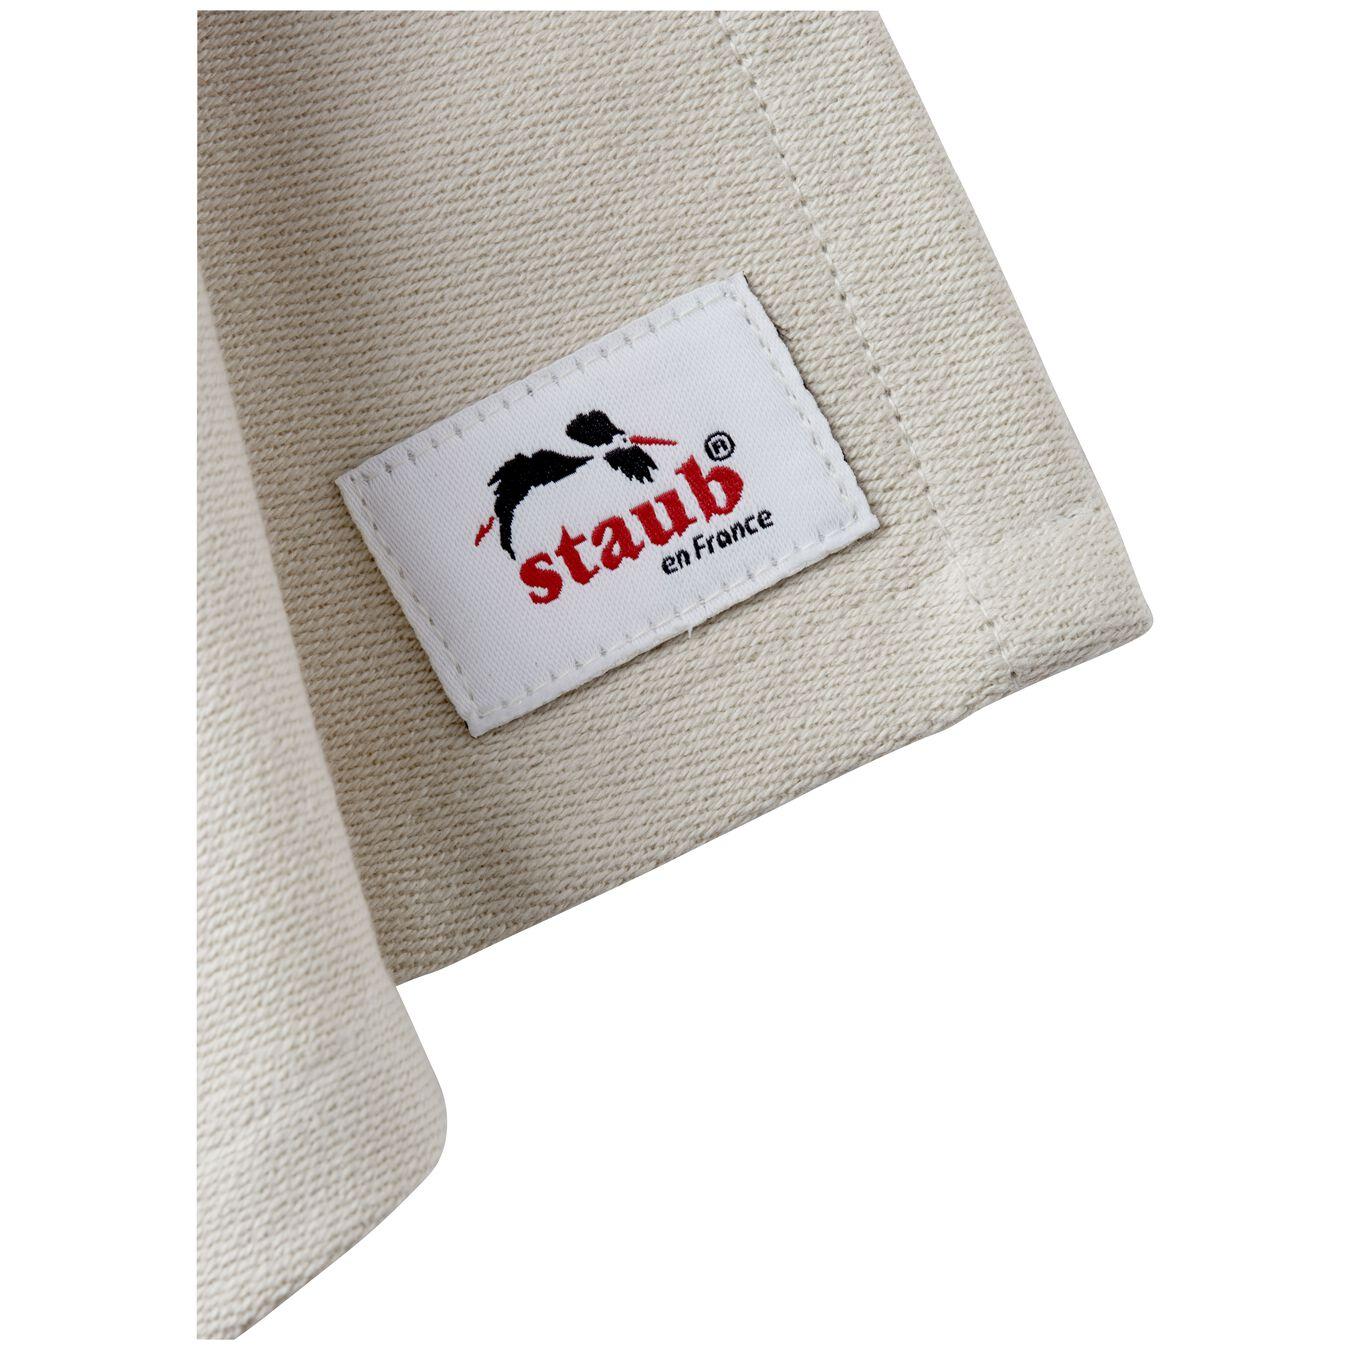 70 cm x 50 cm Cotton Kitchen towel, Grey,,large 4